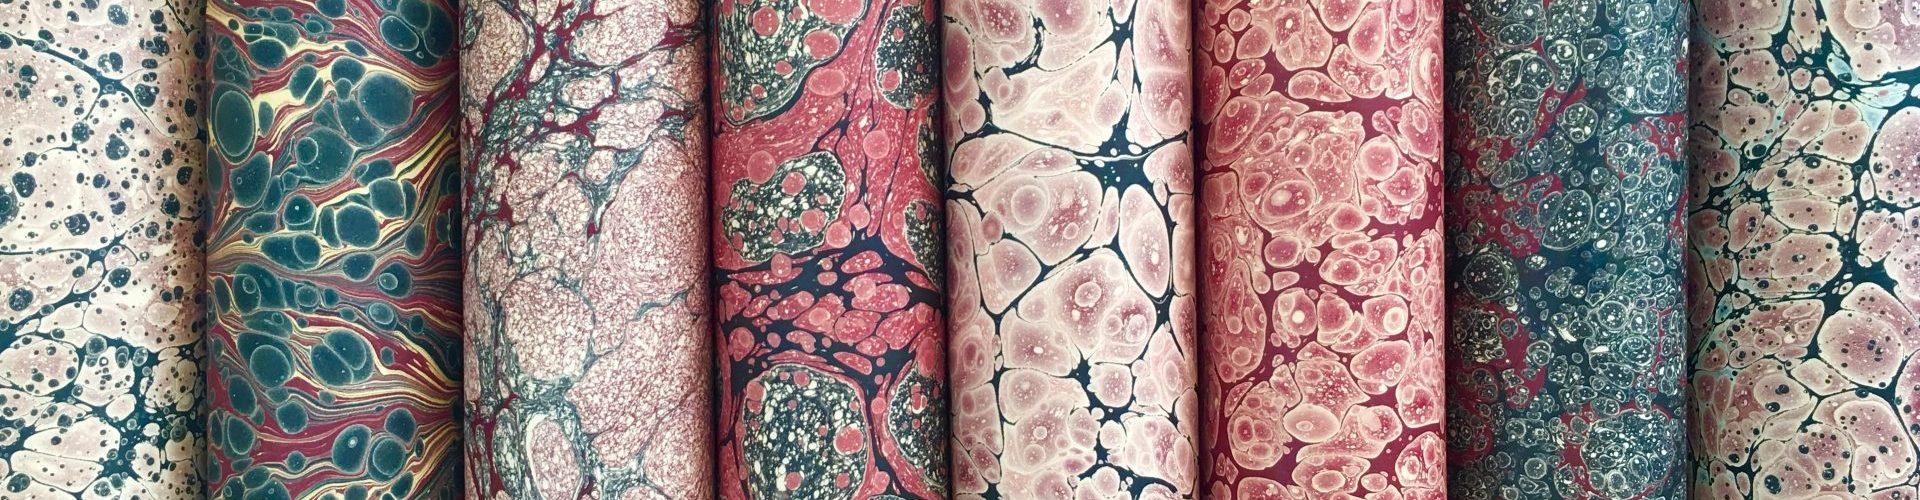 Rankų darbo marmurinis popierius || Hand marbed papers